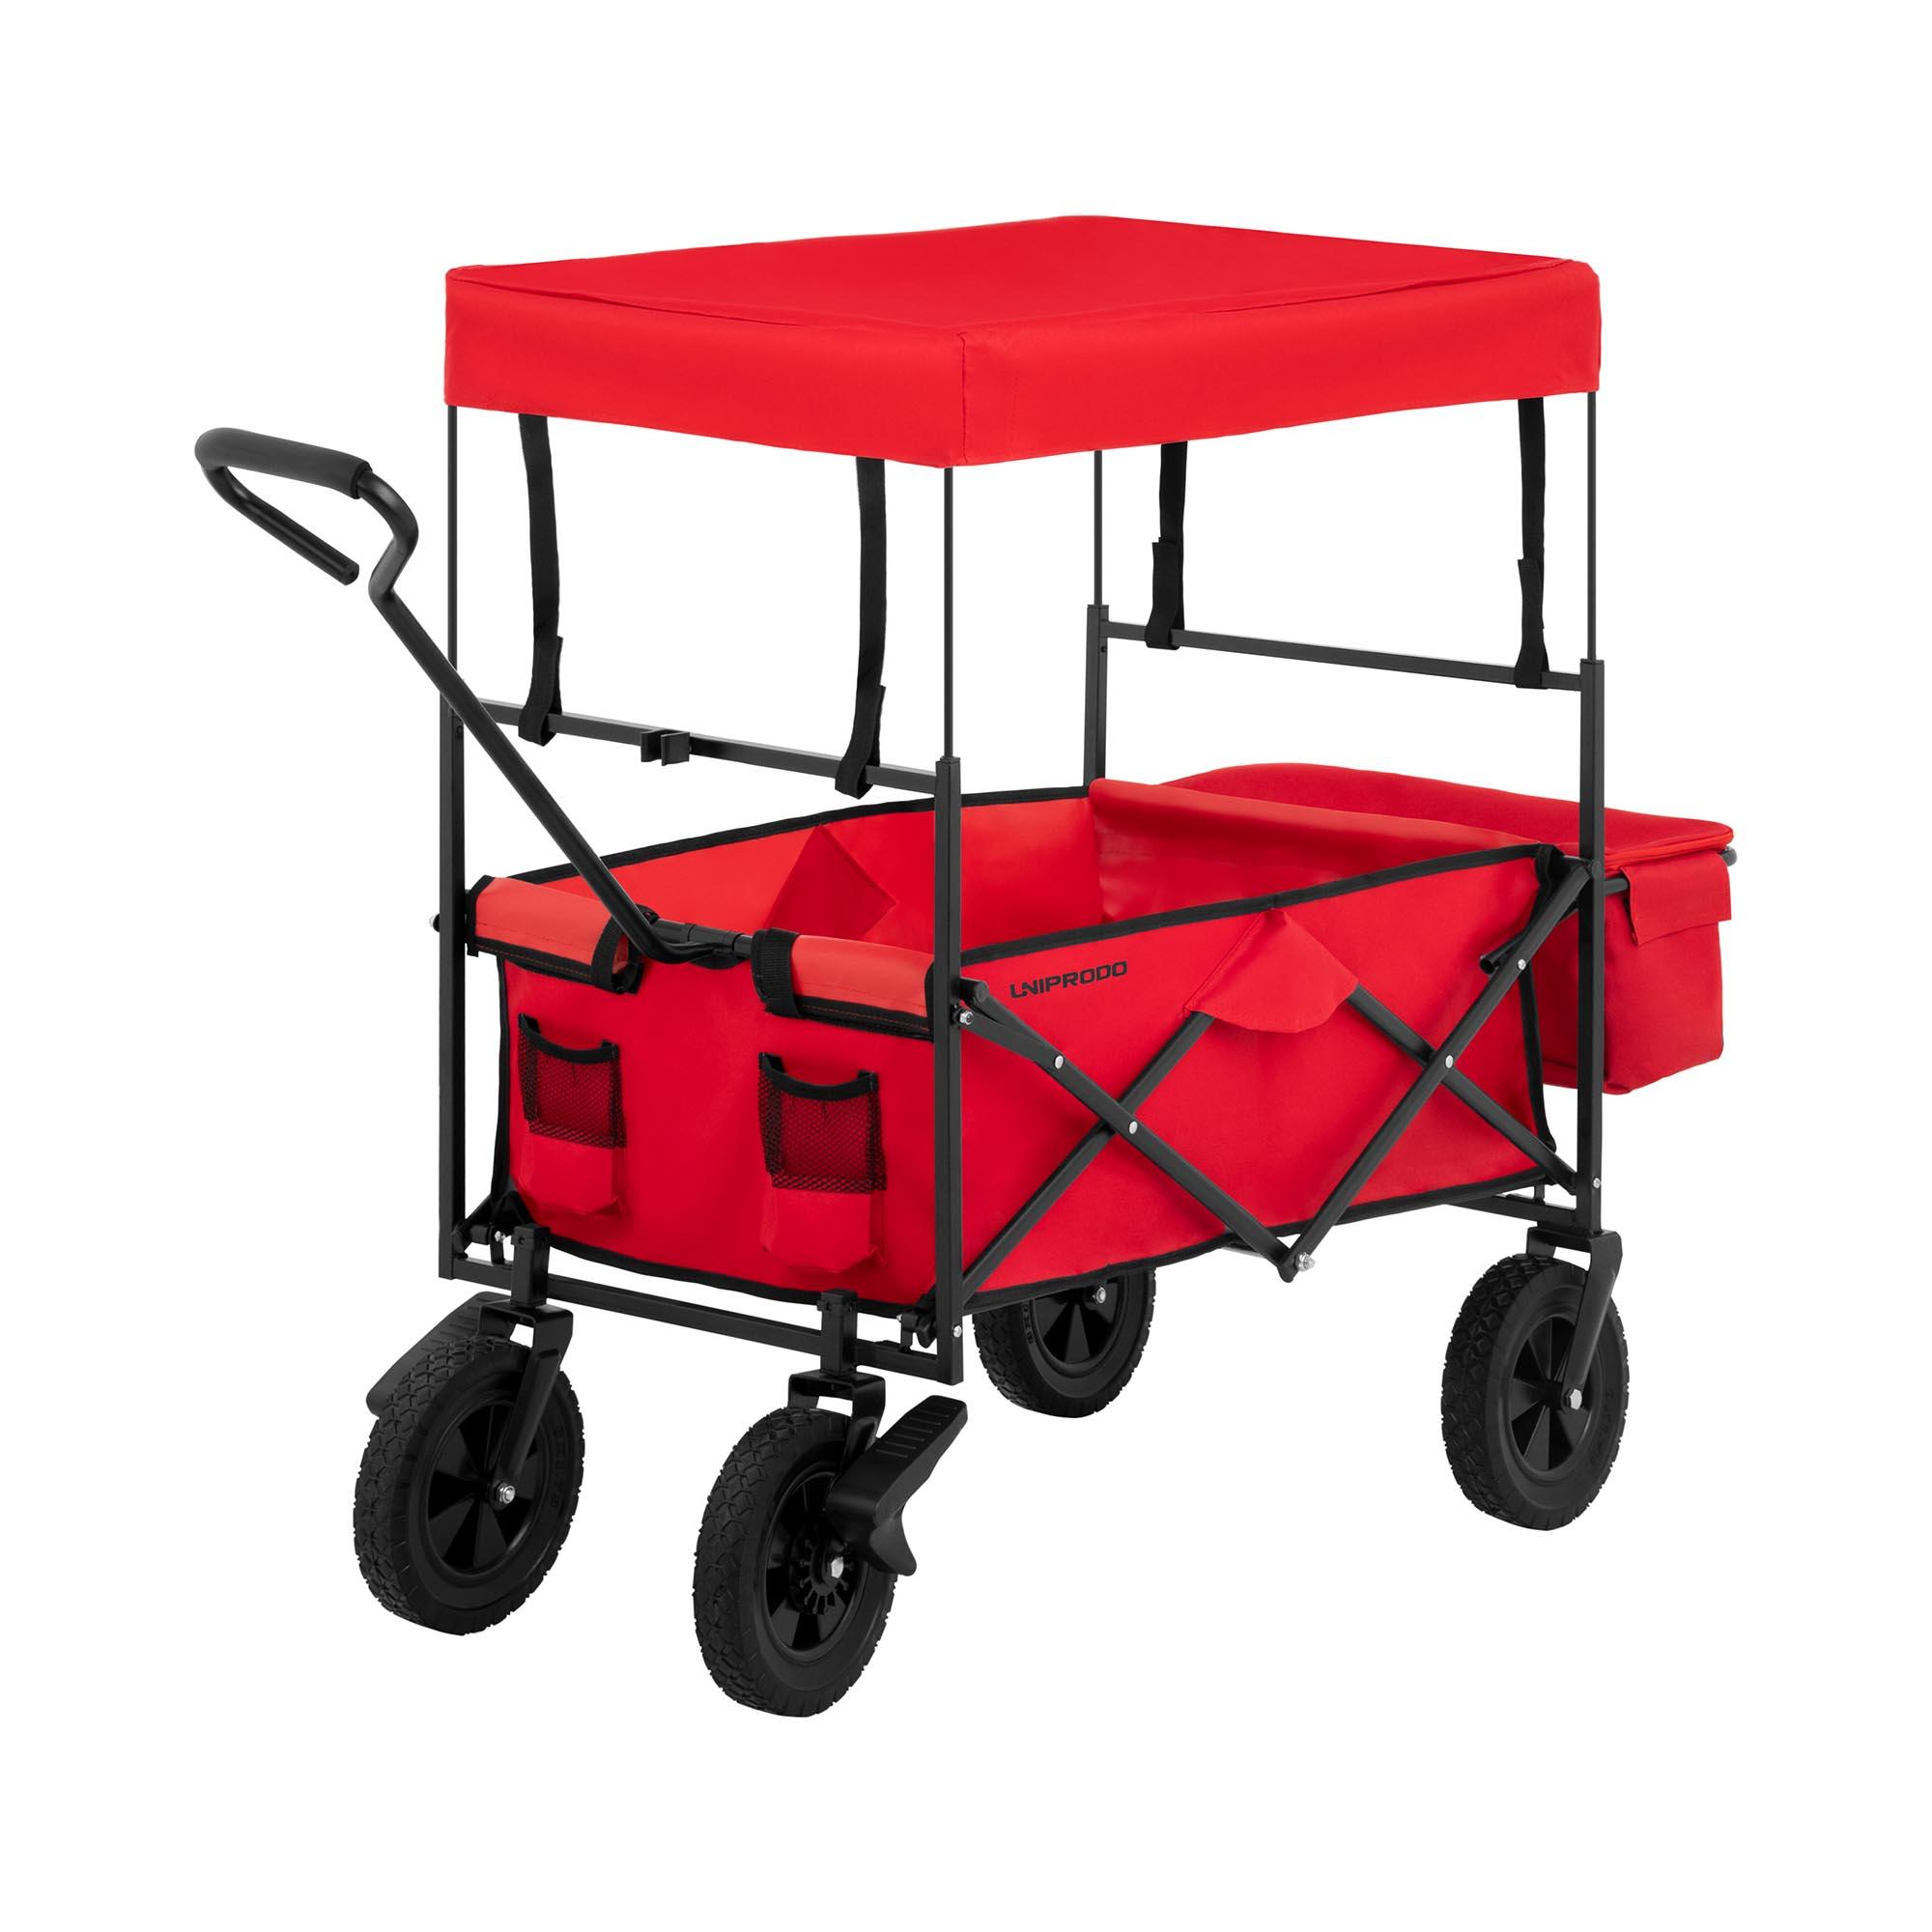 Uniprodo Bollerwagen faltbar mit Dach - Rot - mit Bremsen UNI_CART_03